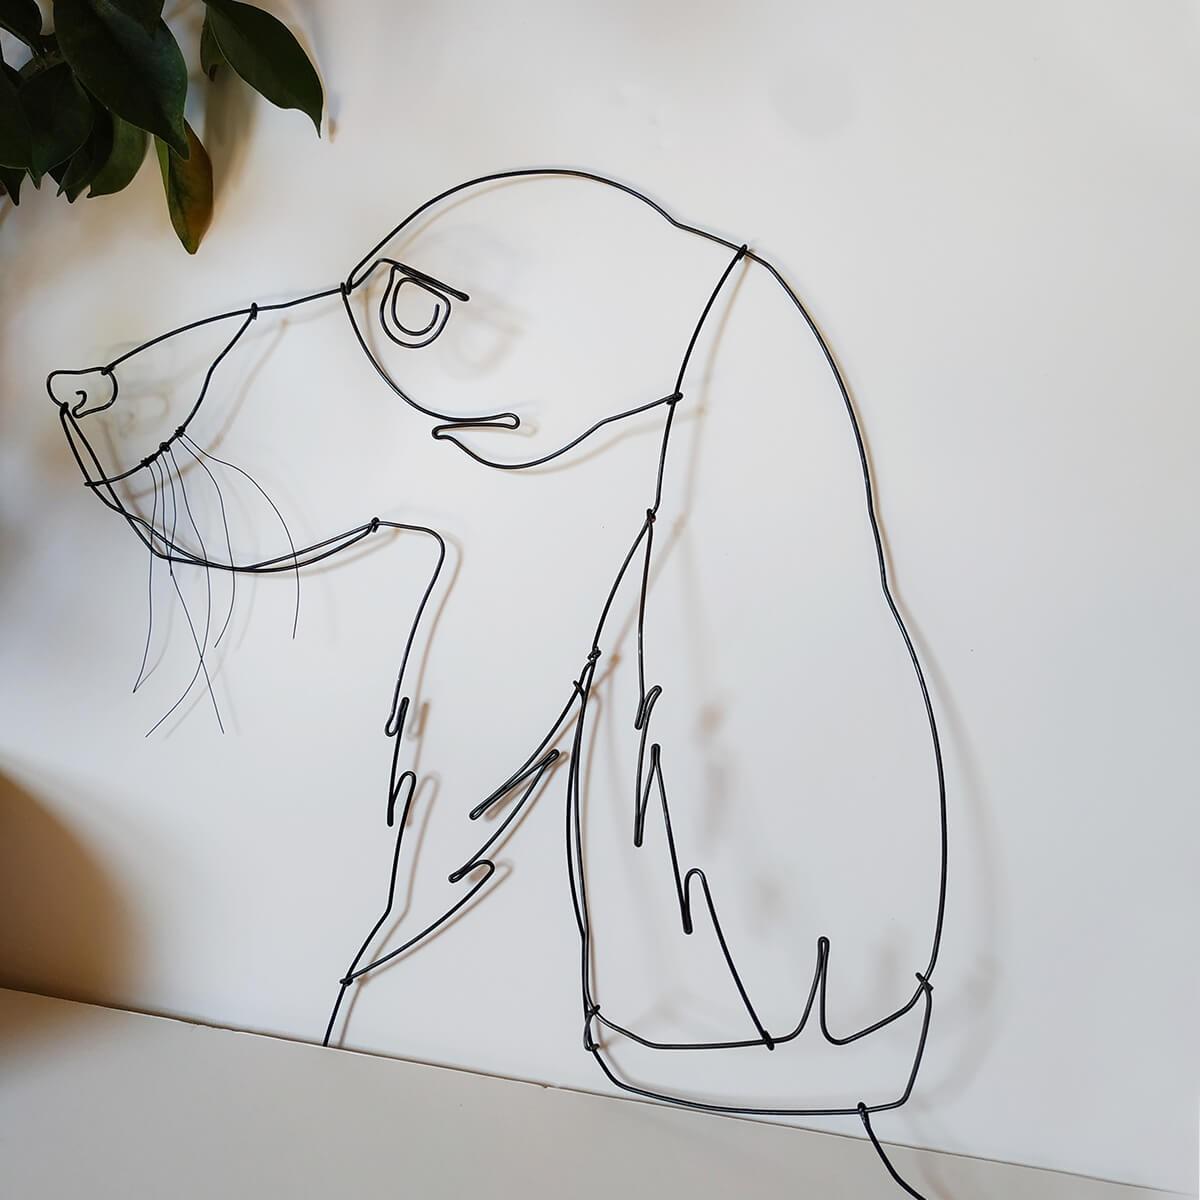 Ralph le chien